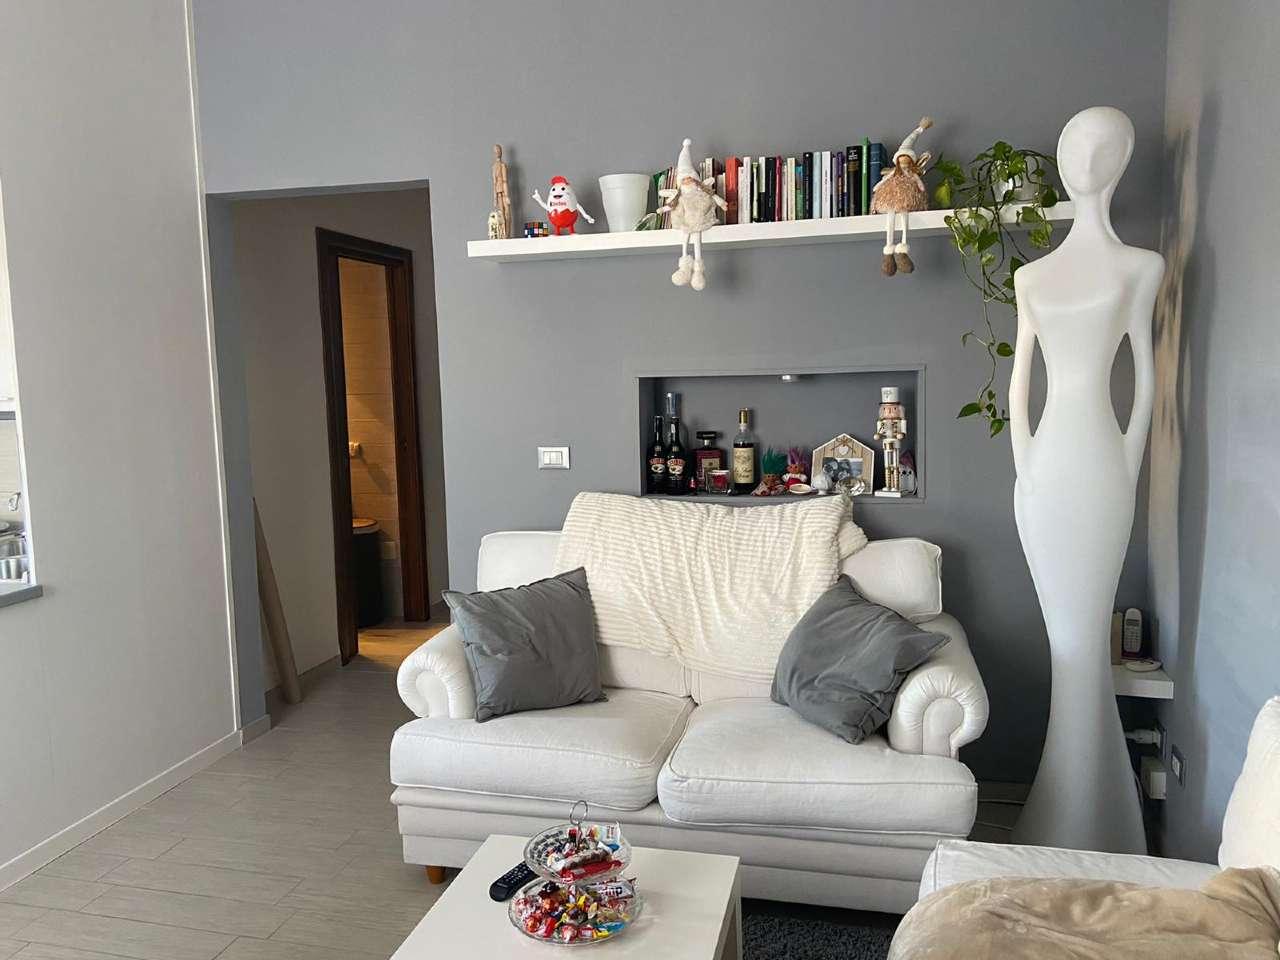 Appartamento, Viale degli Alimena, Centro, Cosenza, foto 5